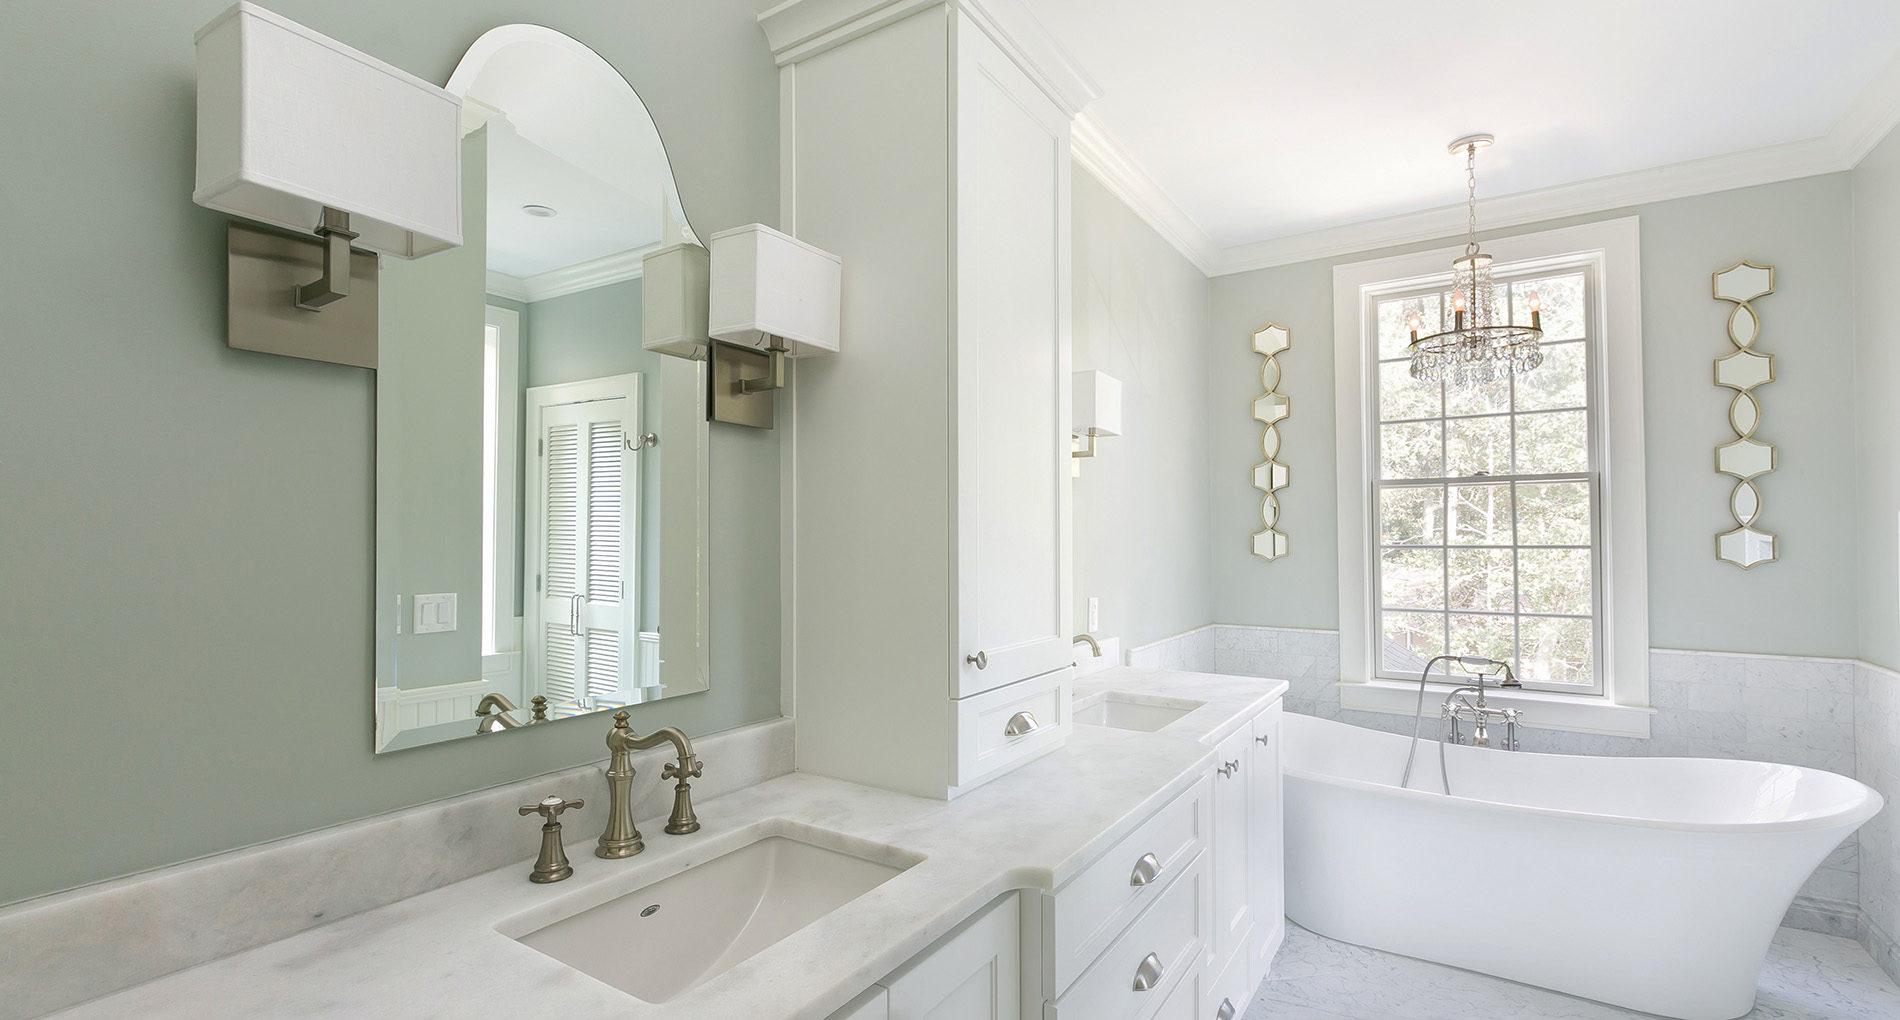 Bathroom Remodeling Gallery Alair Homes Greenville